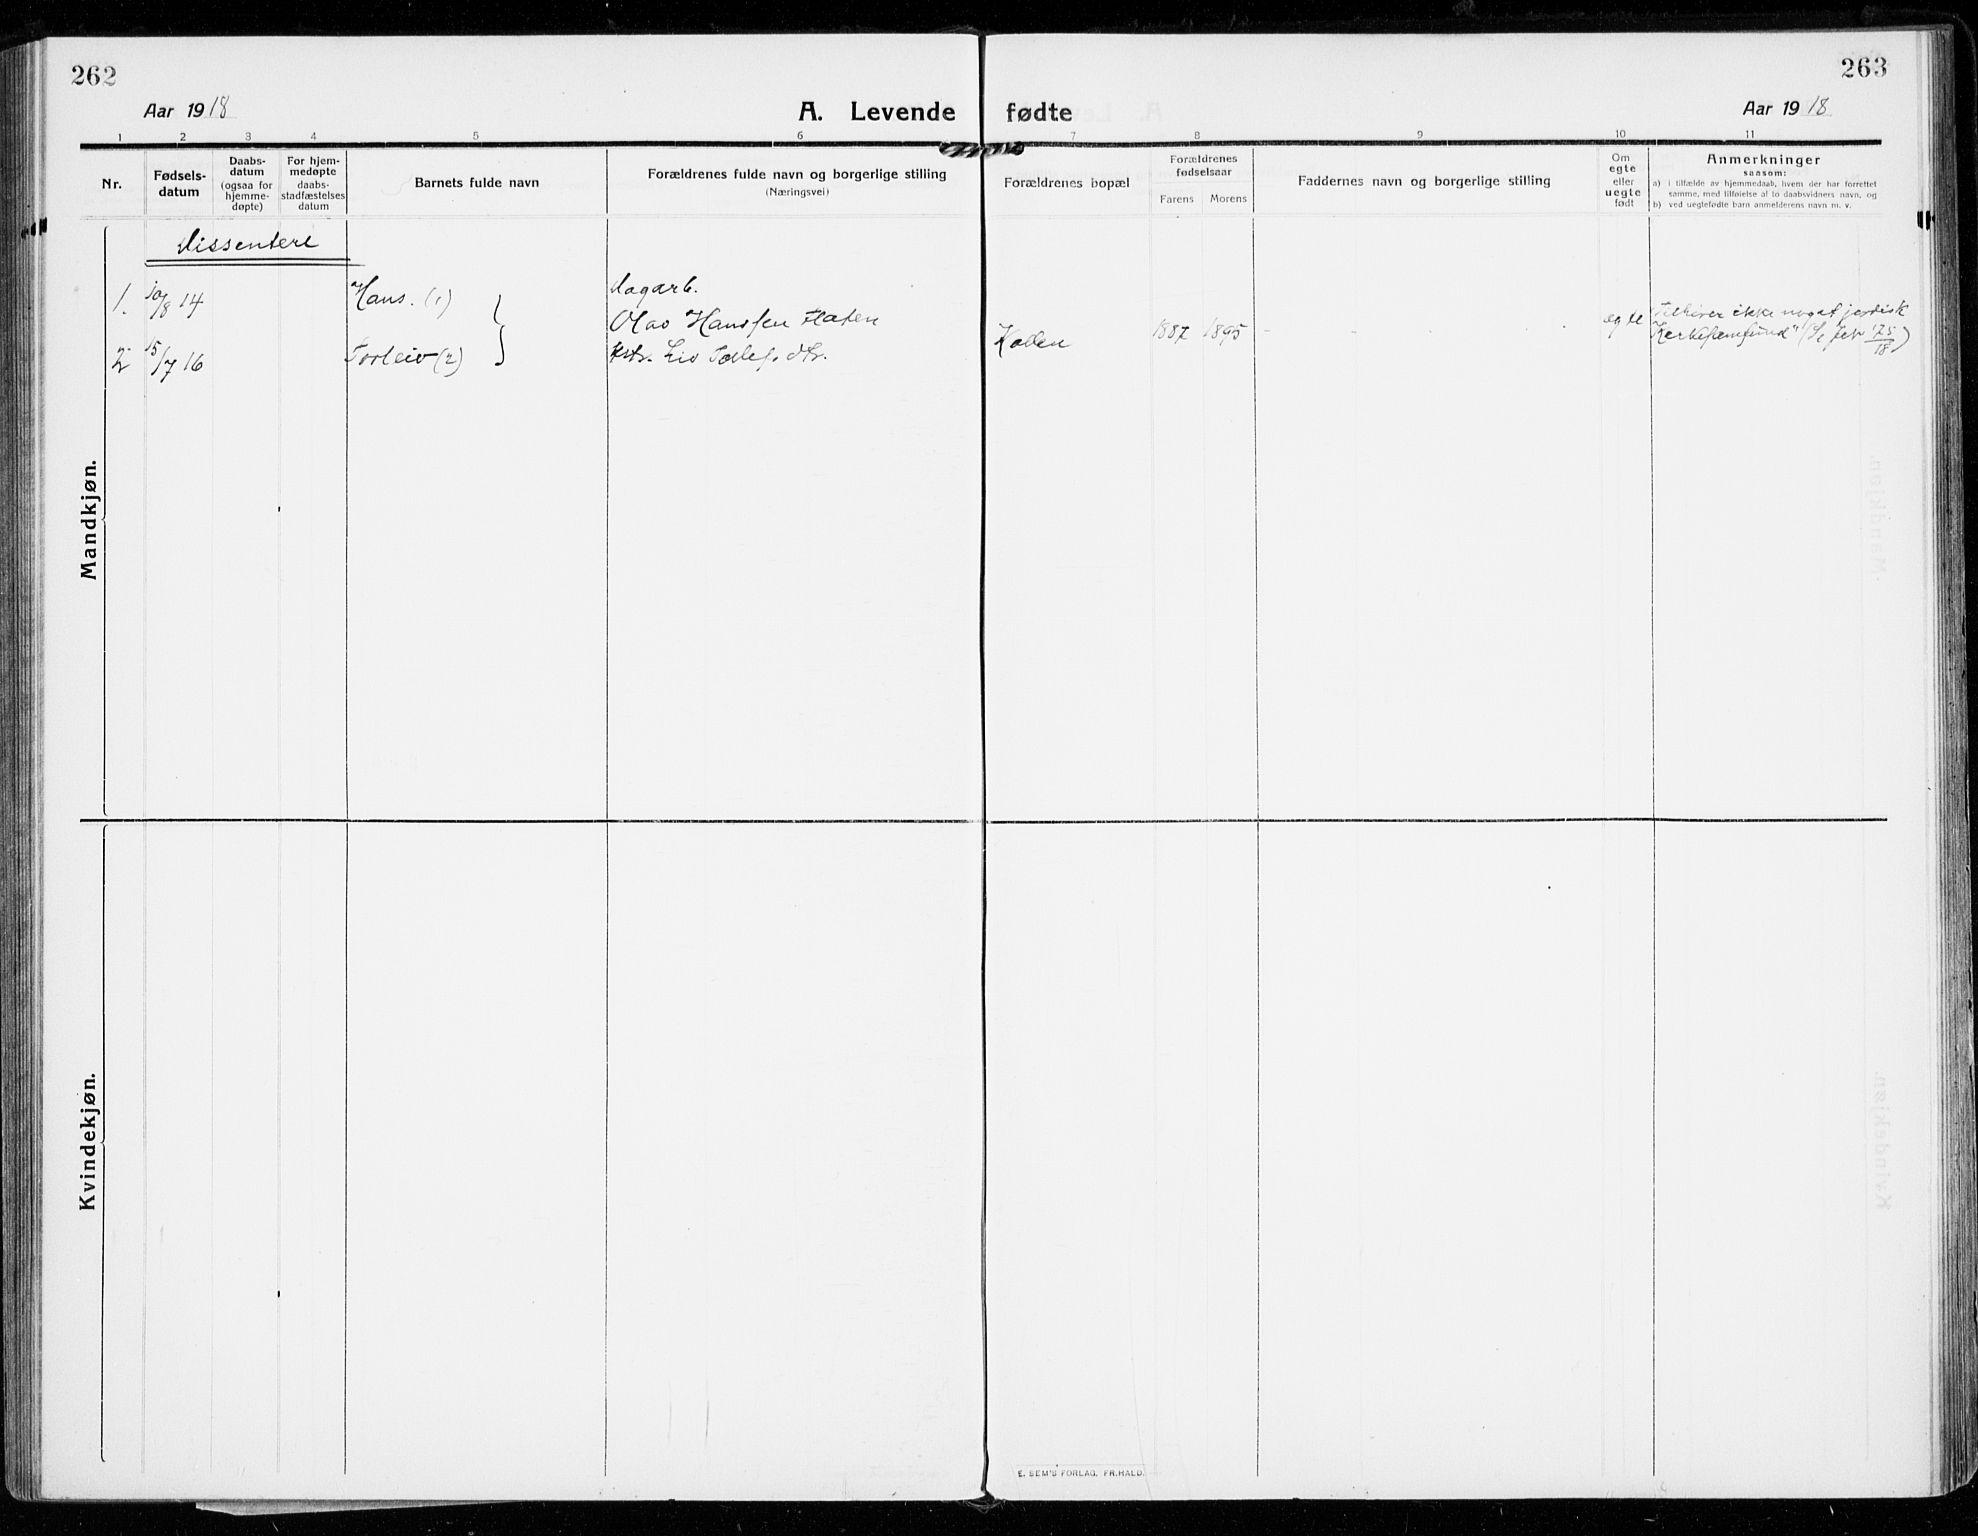 SAKO, Strømsgodset kirkebøker, F/Fa/L0002: Ministerialbok nr. 2, 1910-1920, s. 262-263